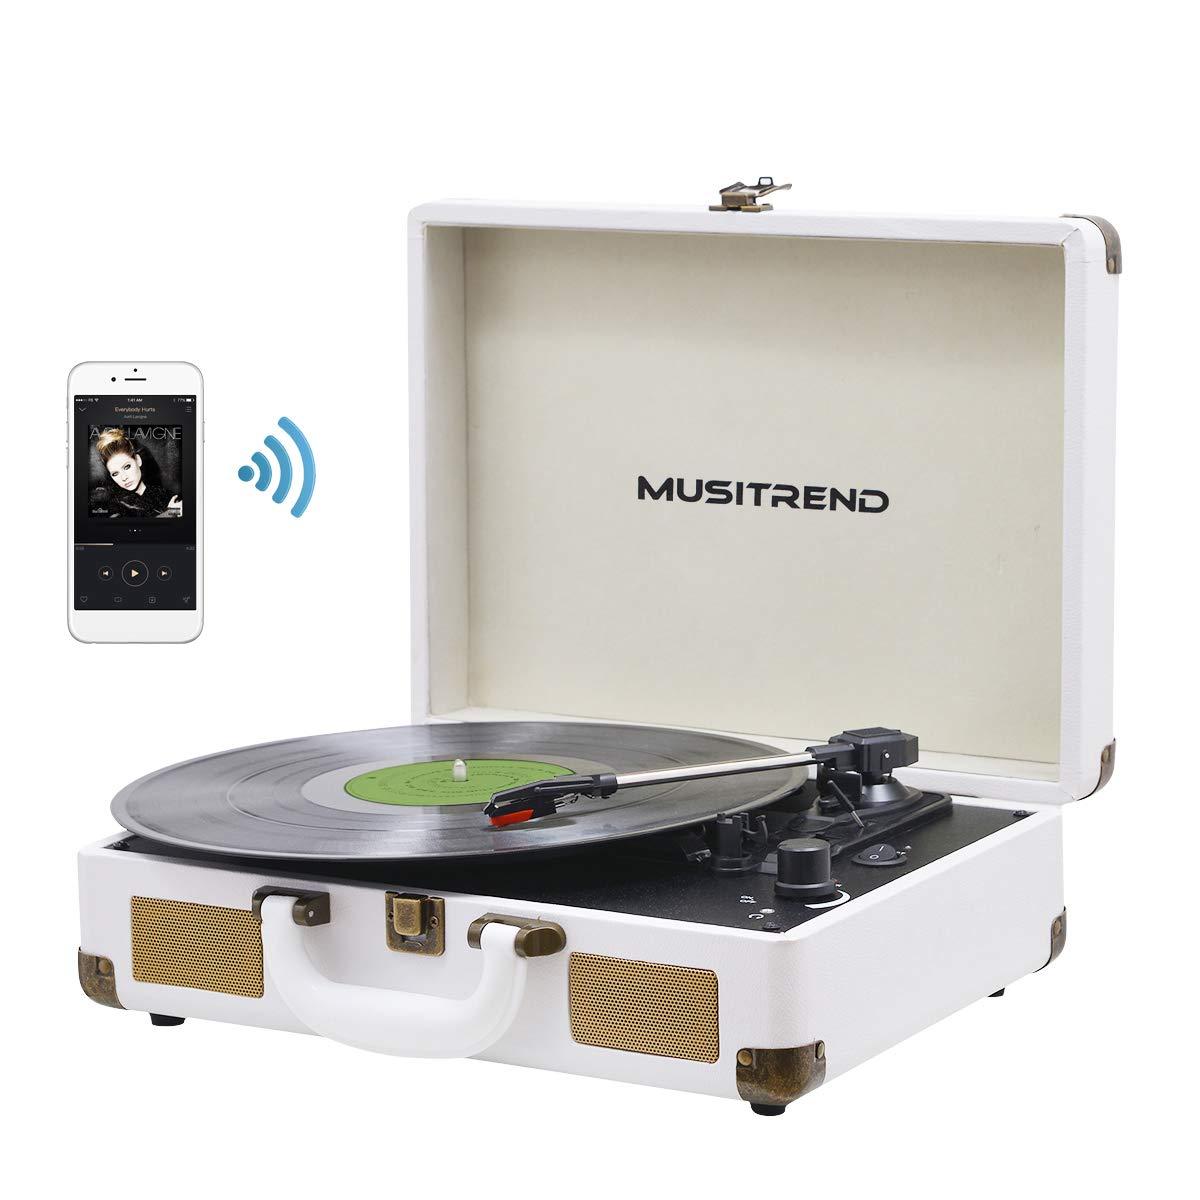 MUSITREND Platine Vinyle Tourne-Disques Valise Portable avec 2 Haut Parleurs IntéGréS, Blanc product image